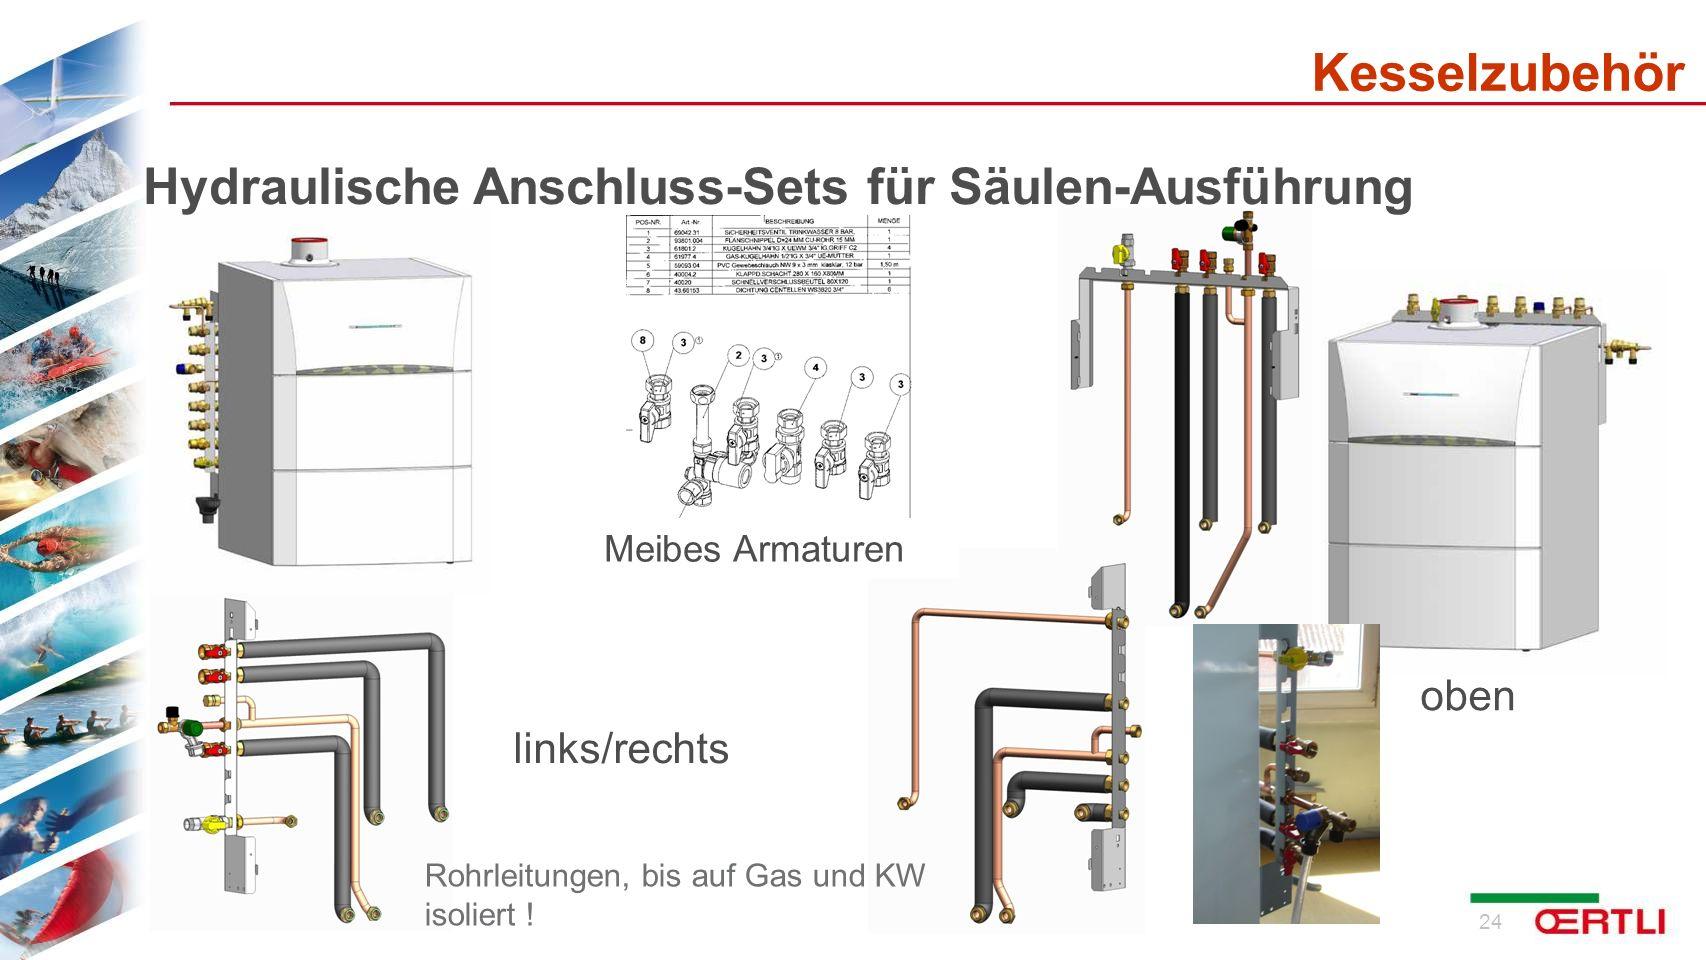 25 Hydraulische Anschluss-Sets für Solo oder mit nebengestellten Speicher Meibes Armaturen Kesselzubehör Rohrleitungen, bis auf Gas und KW isoliert !